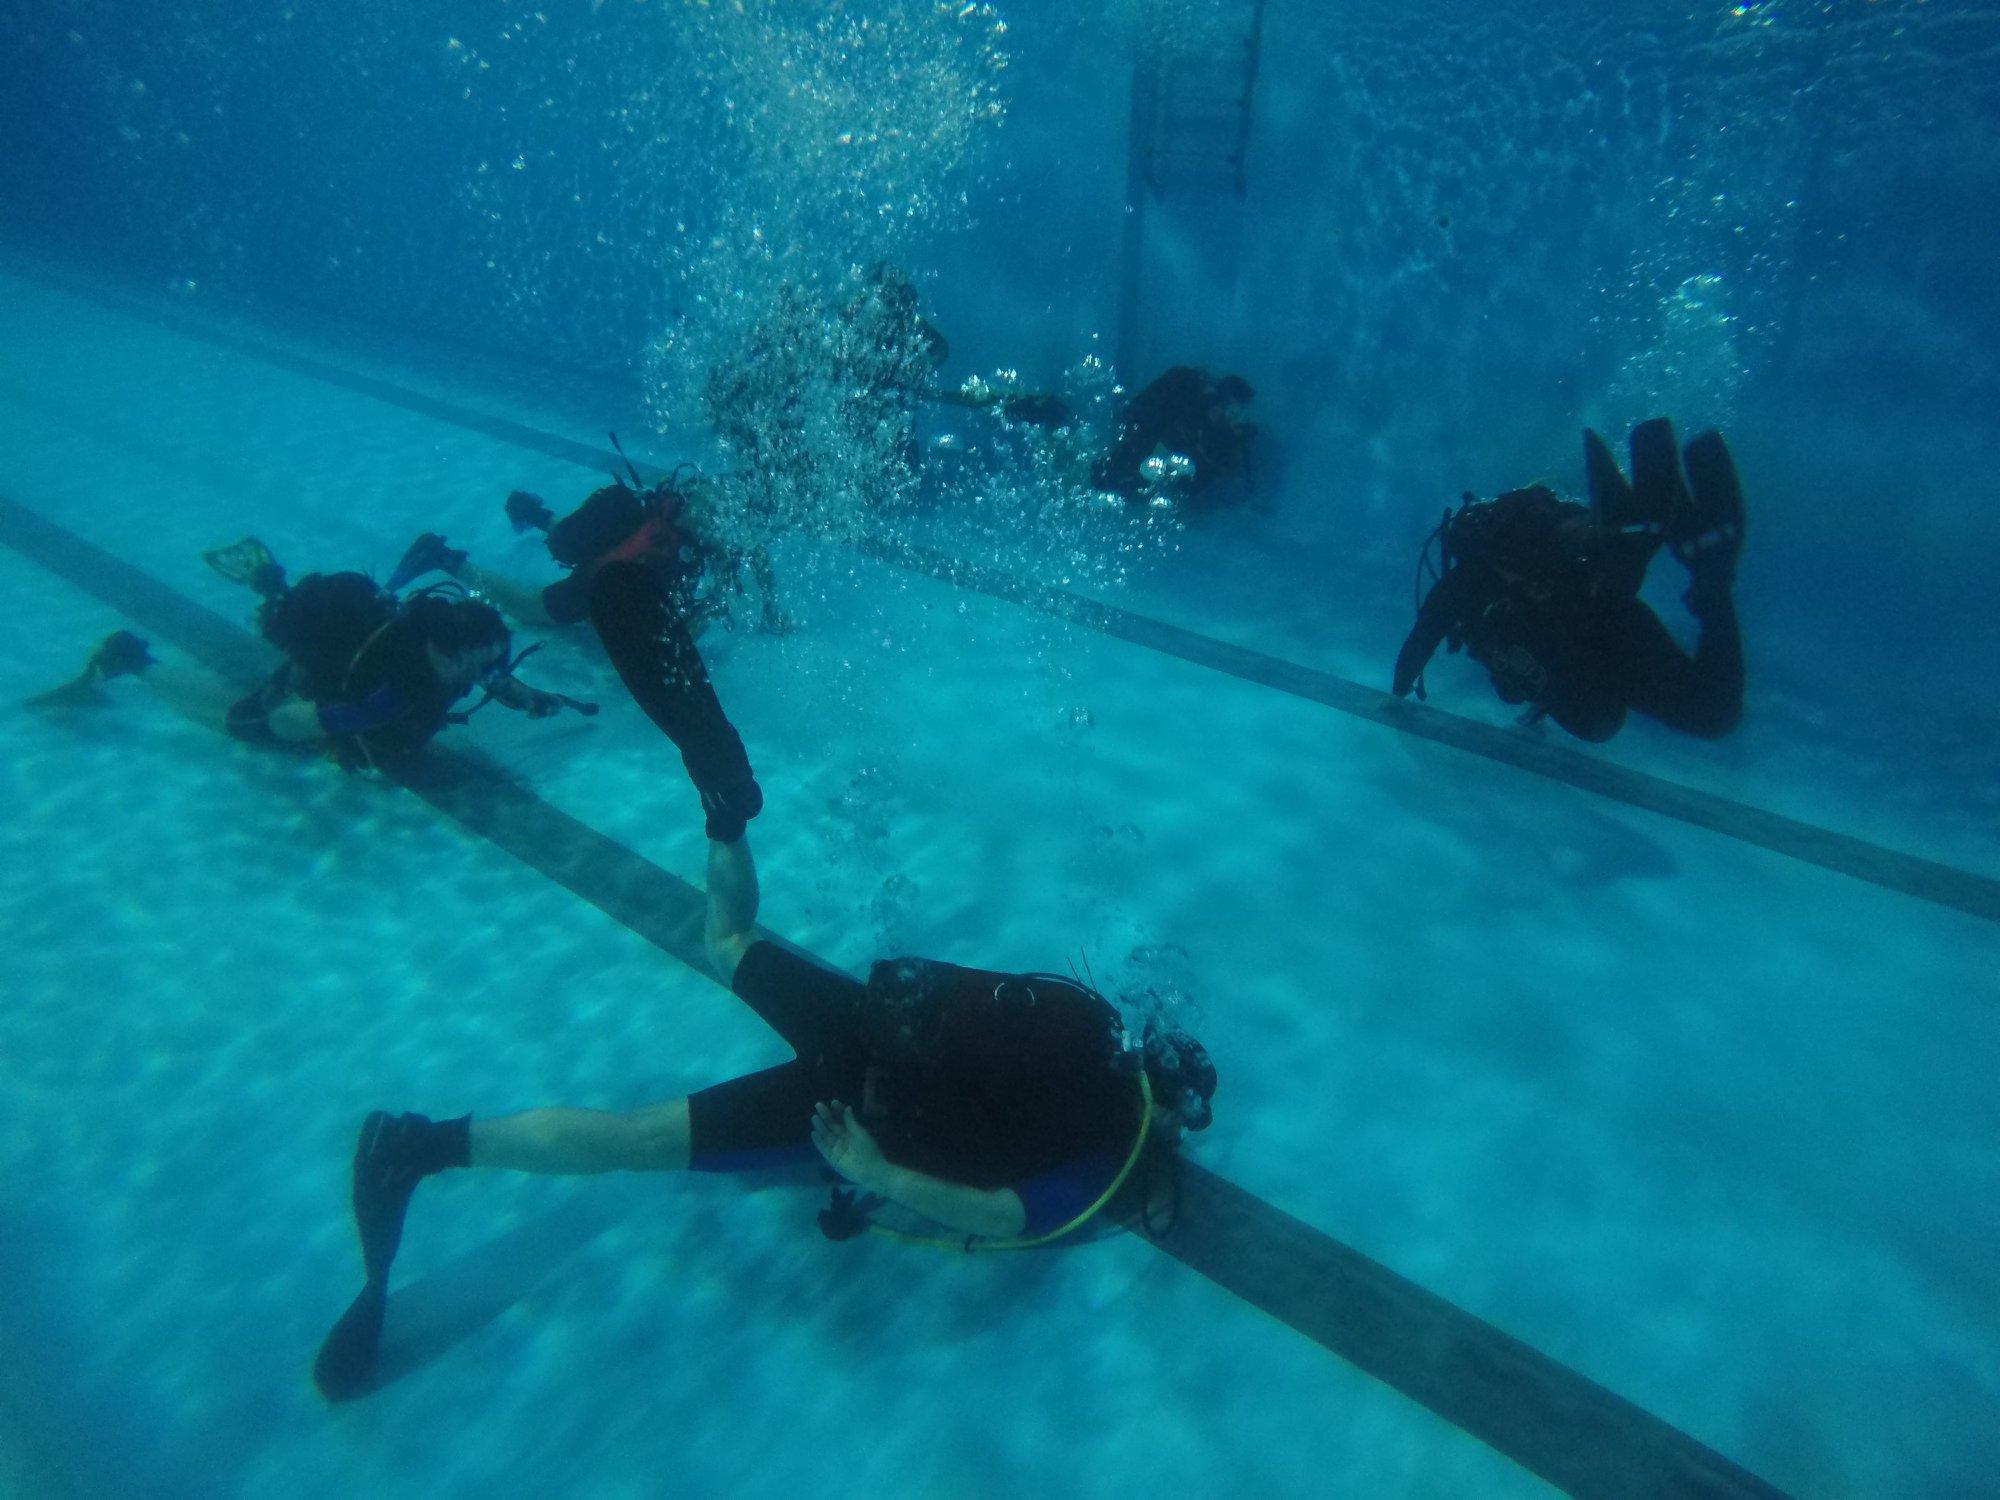 μαθήματα κατάδυσης για αρχαρίους σε θερμαινόμενη πισίνα